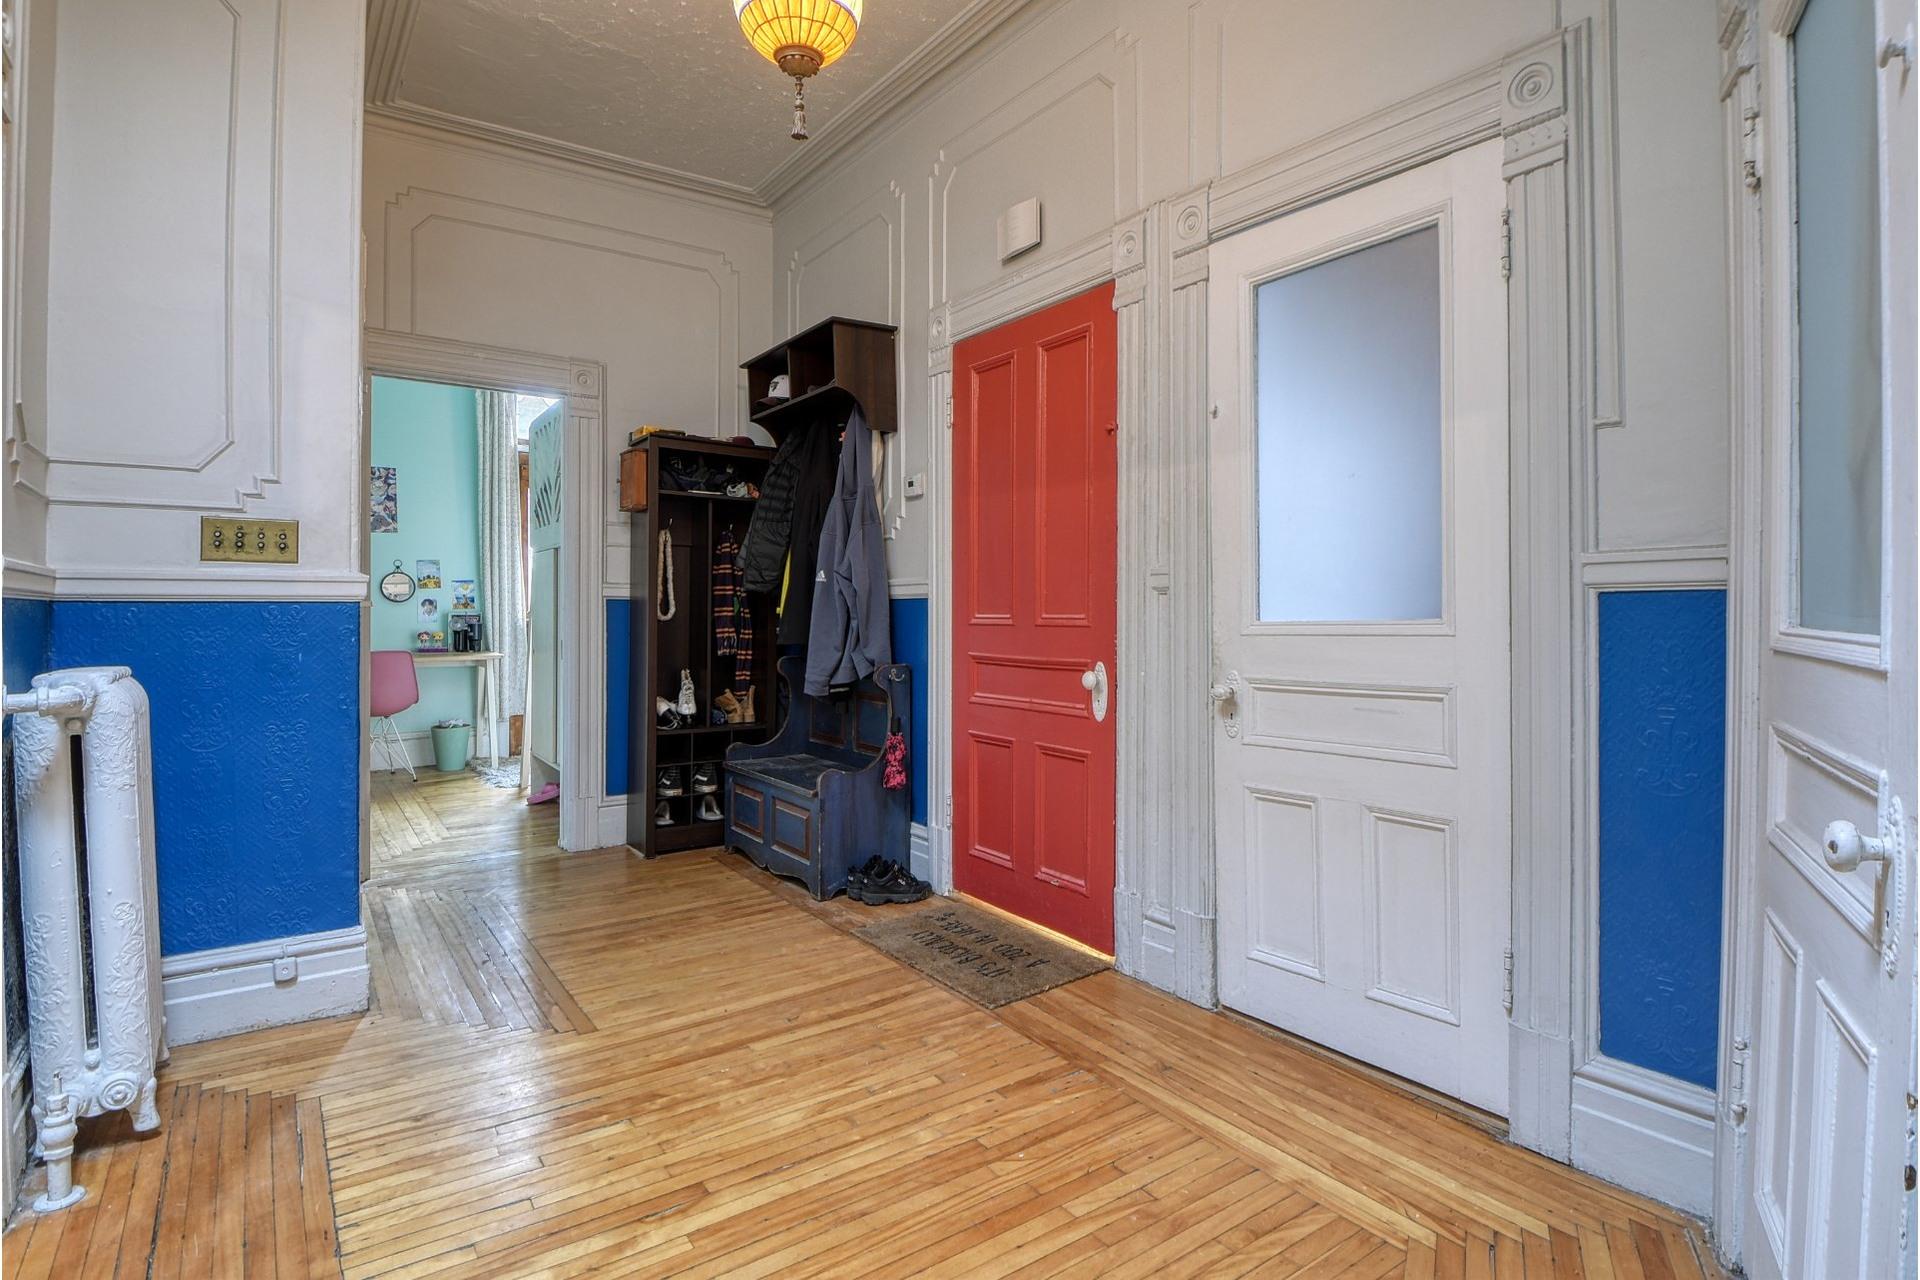 image 7 - Appartement À louer Le Plateau-Mont-Royal Montréal  - 8 pièces